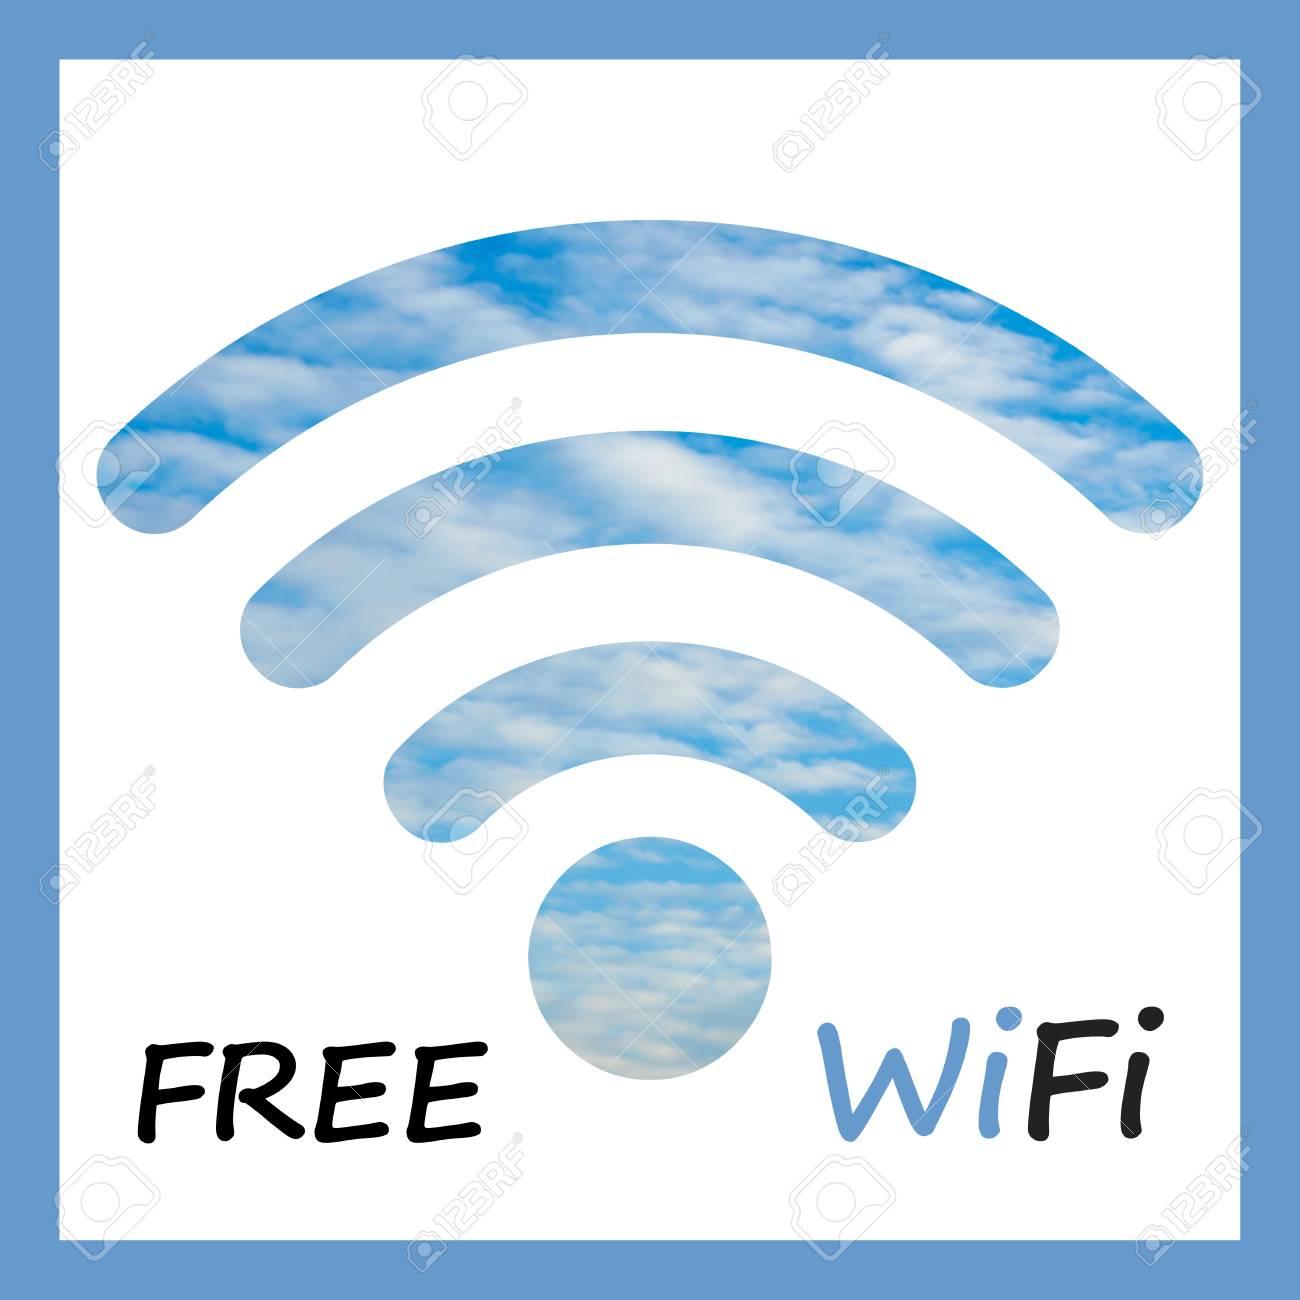 WiFi Gratuito: Icono Con Cielo Nublado Visible A Través De Fondo ...